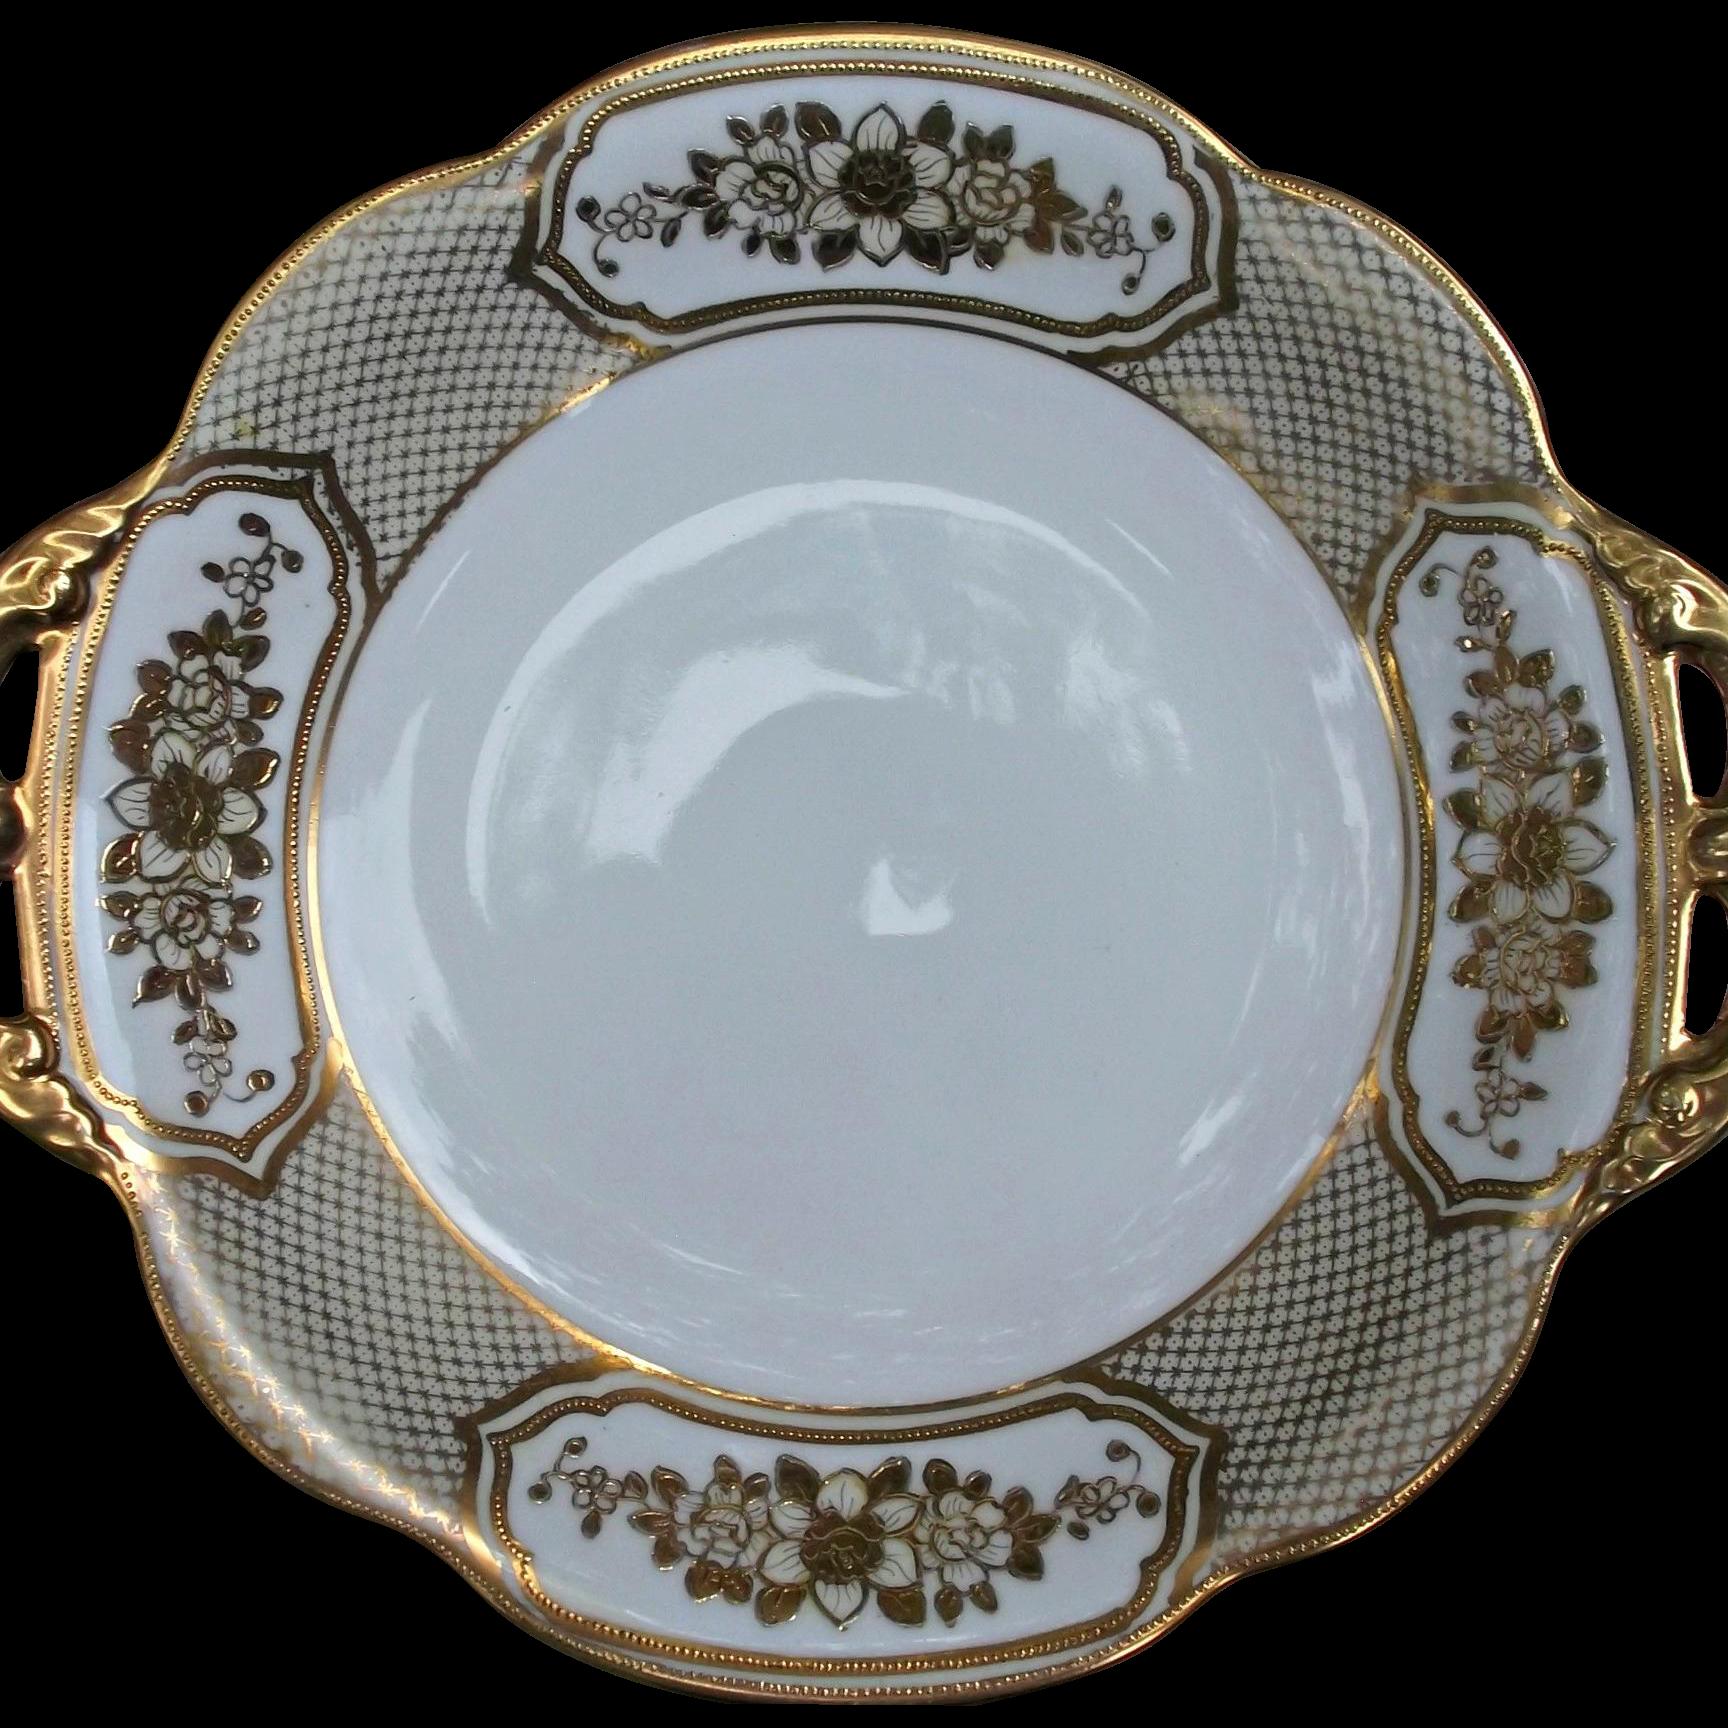 Noritake Porcelain Handled Serving Bowl Gold Gilt Flowers Beads Vintage